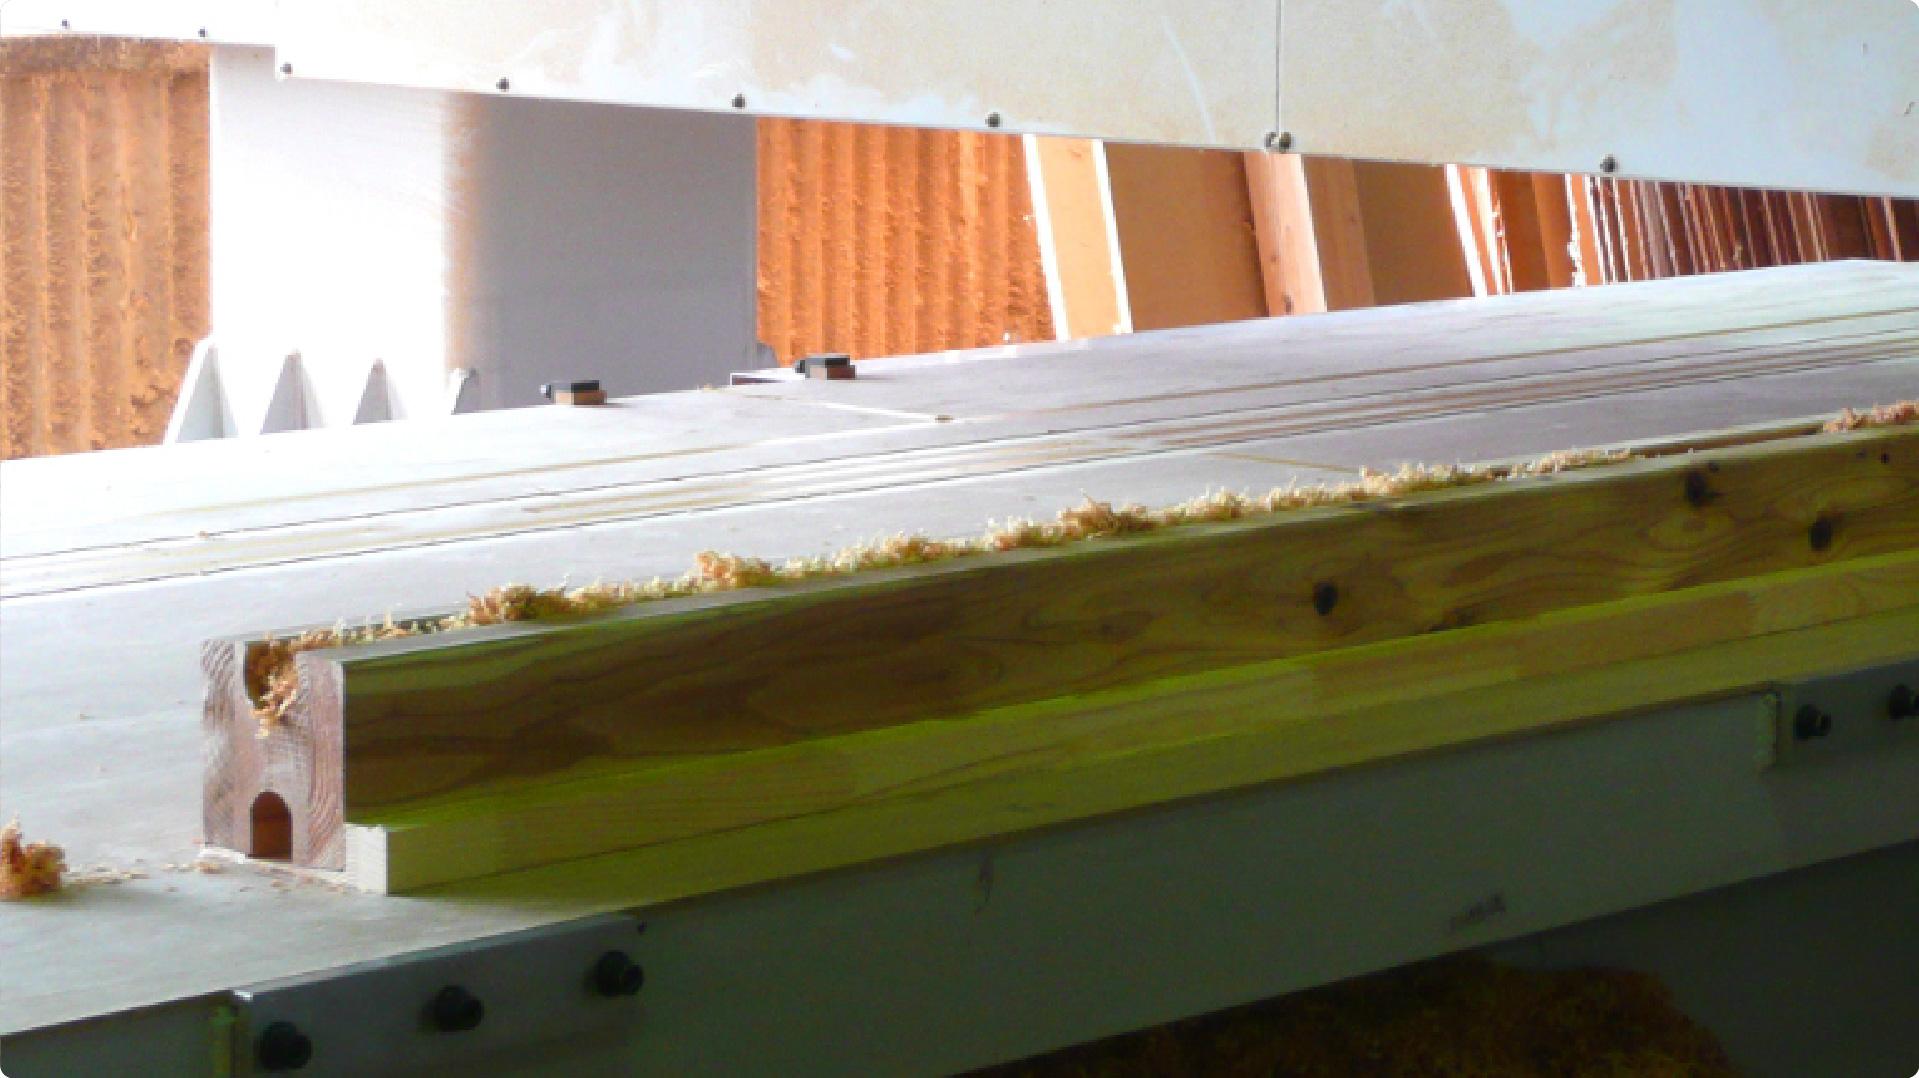 ミニログハウス の国産木材 | 九州・福岡のログハウスキット